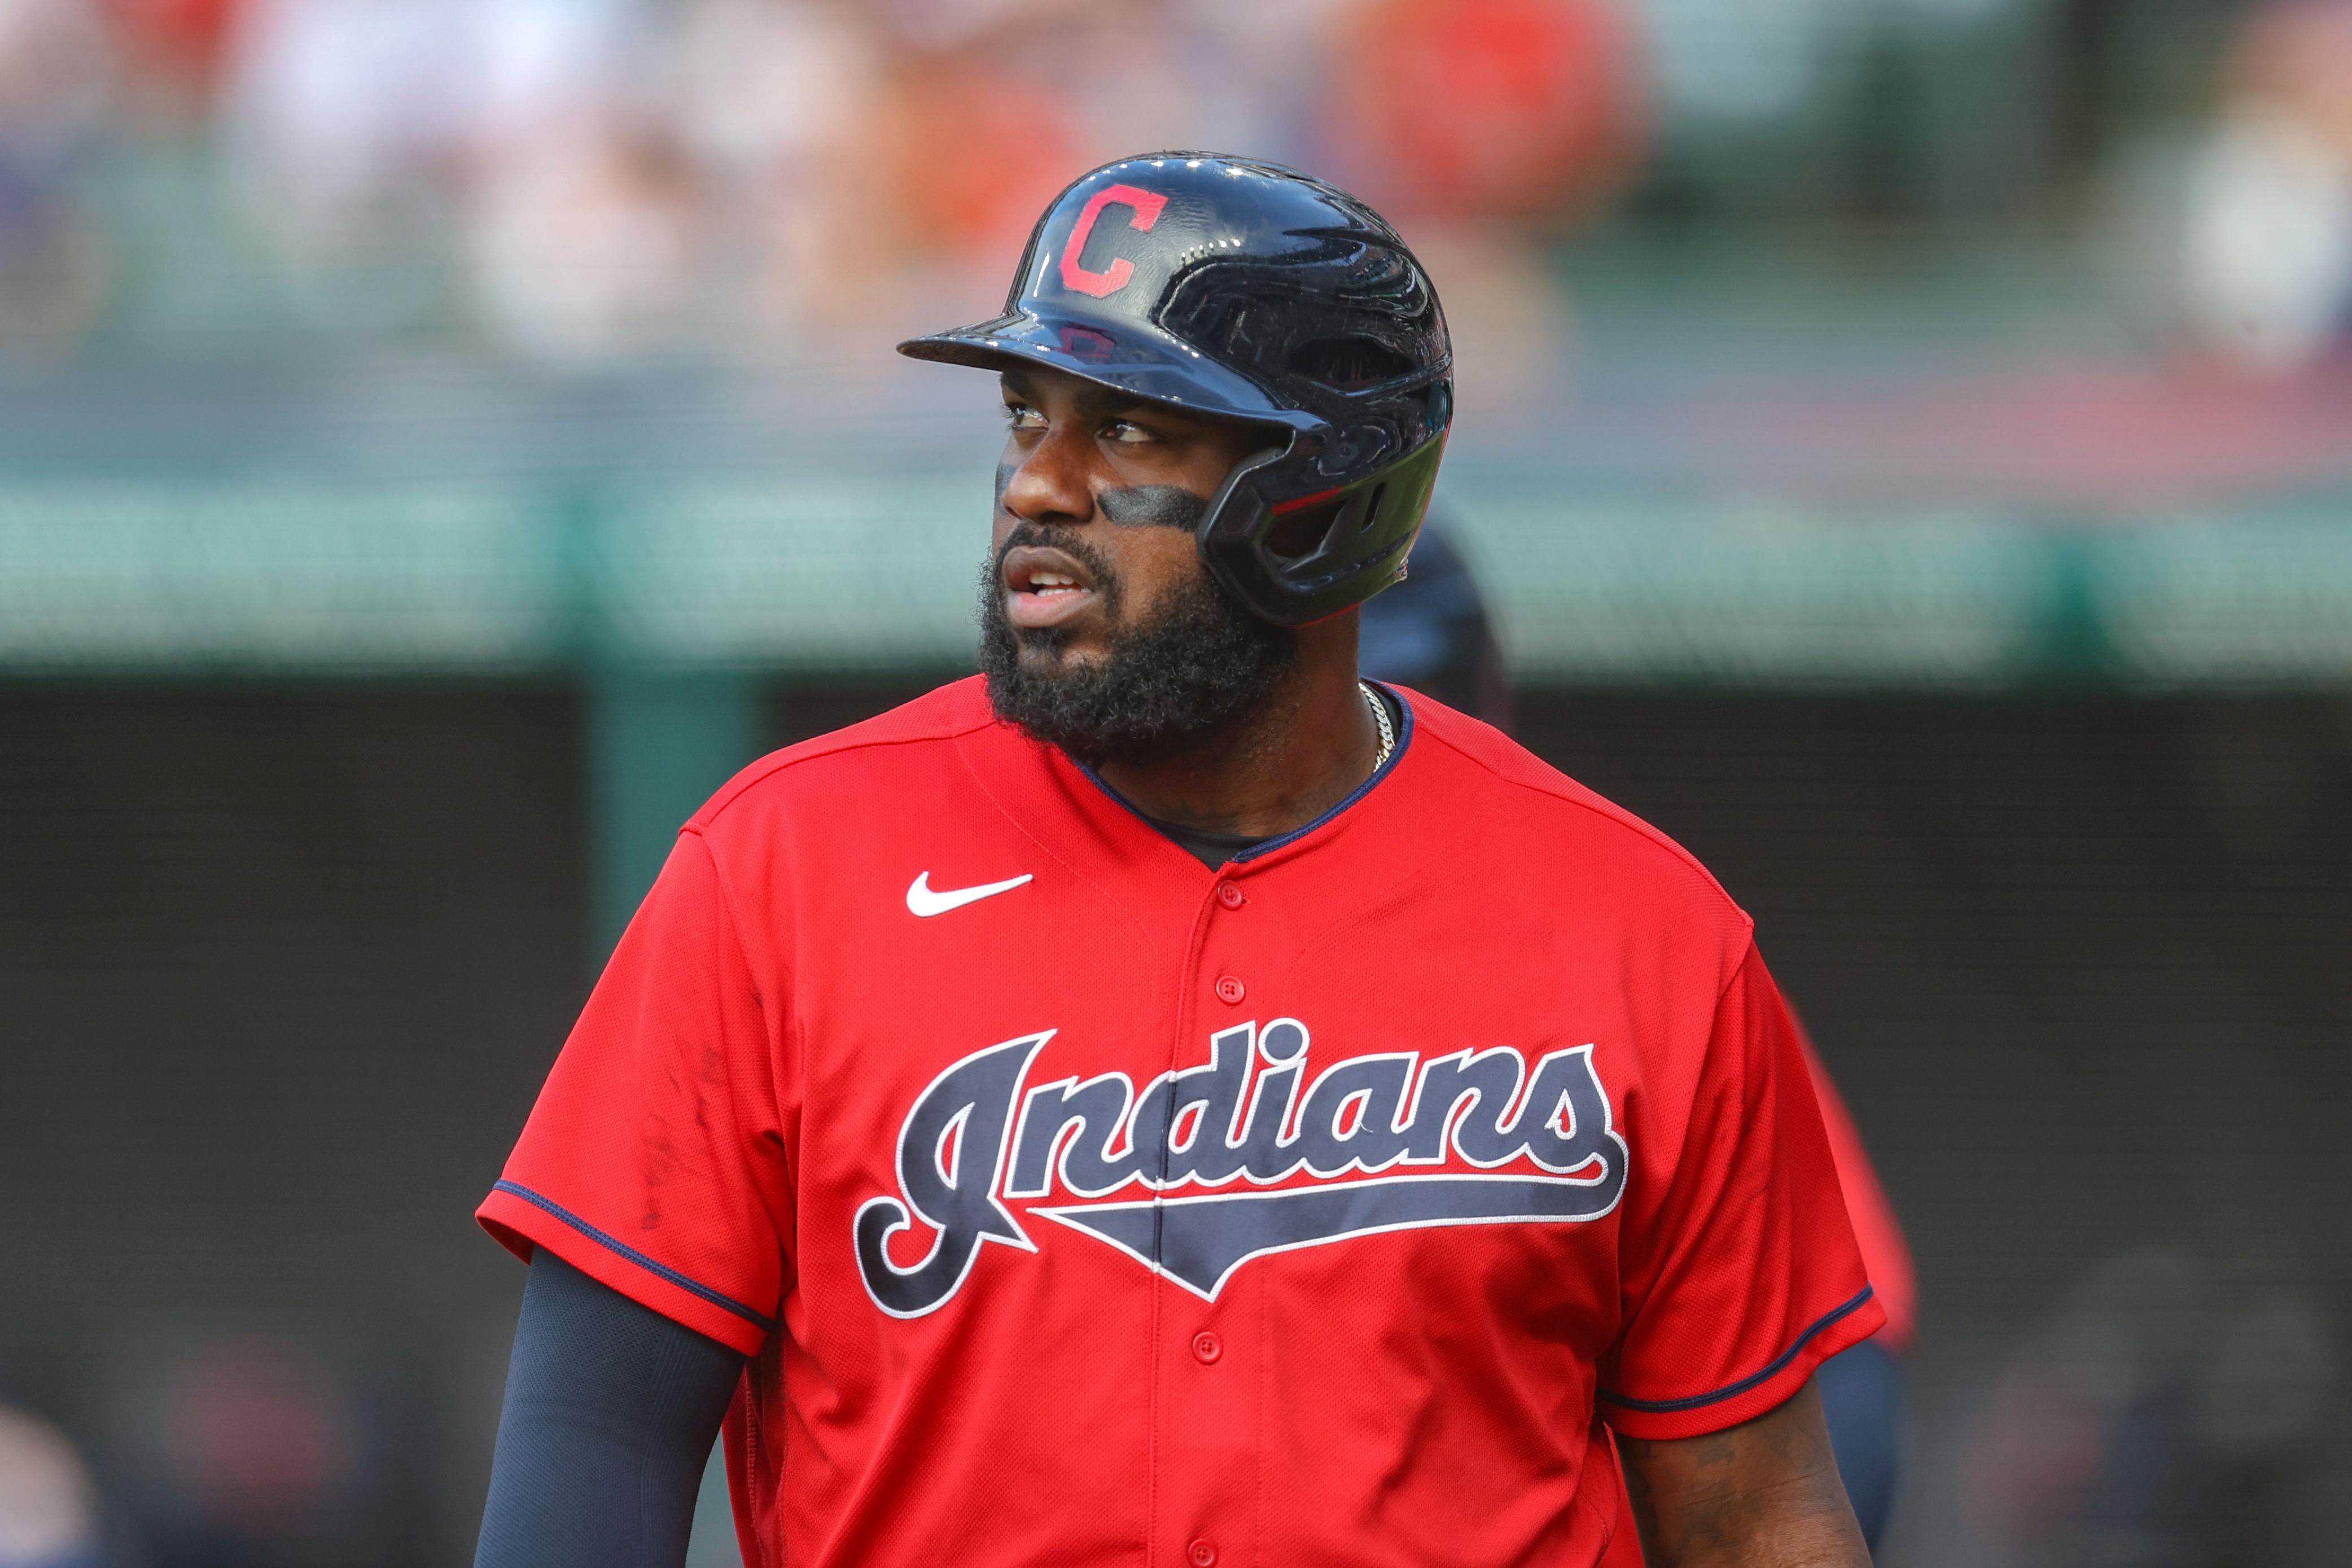 MLB: JUL 10 Royals at Indians